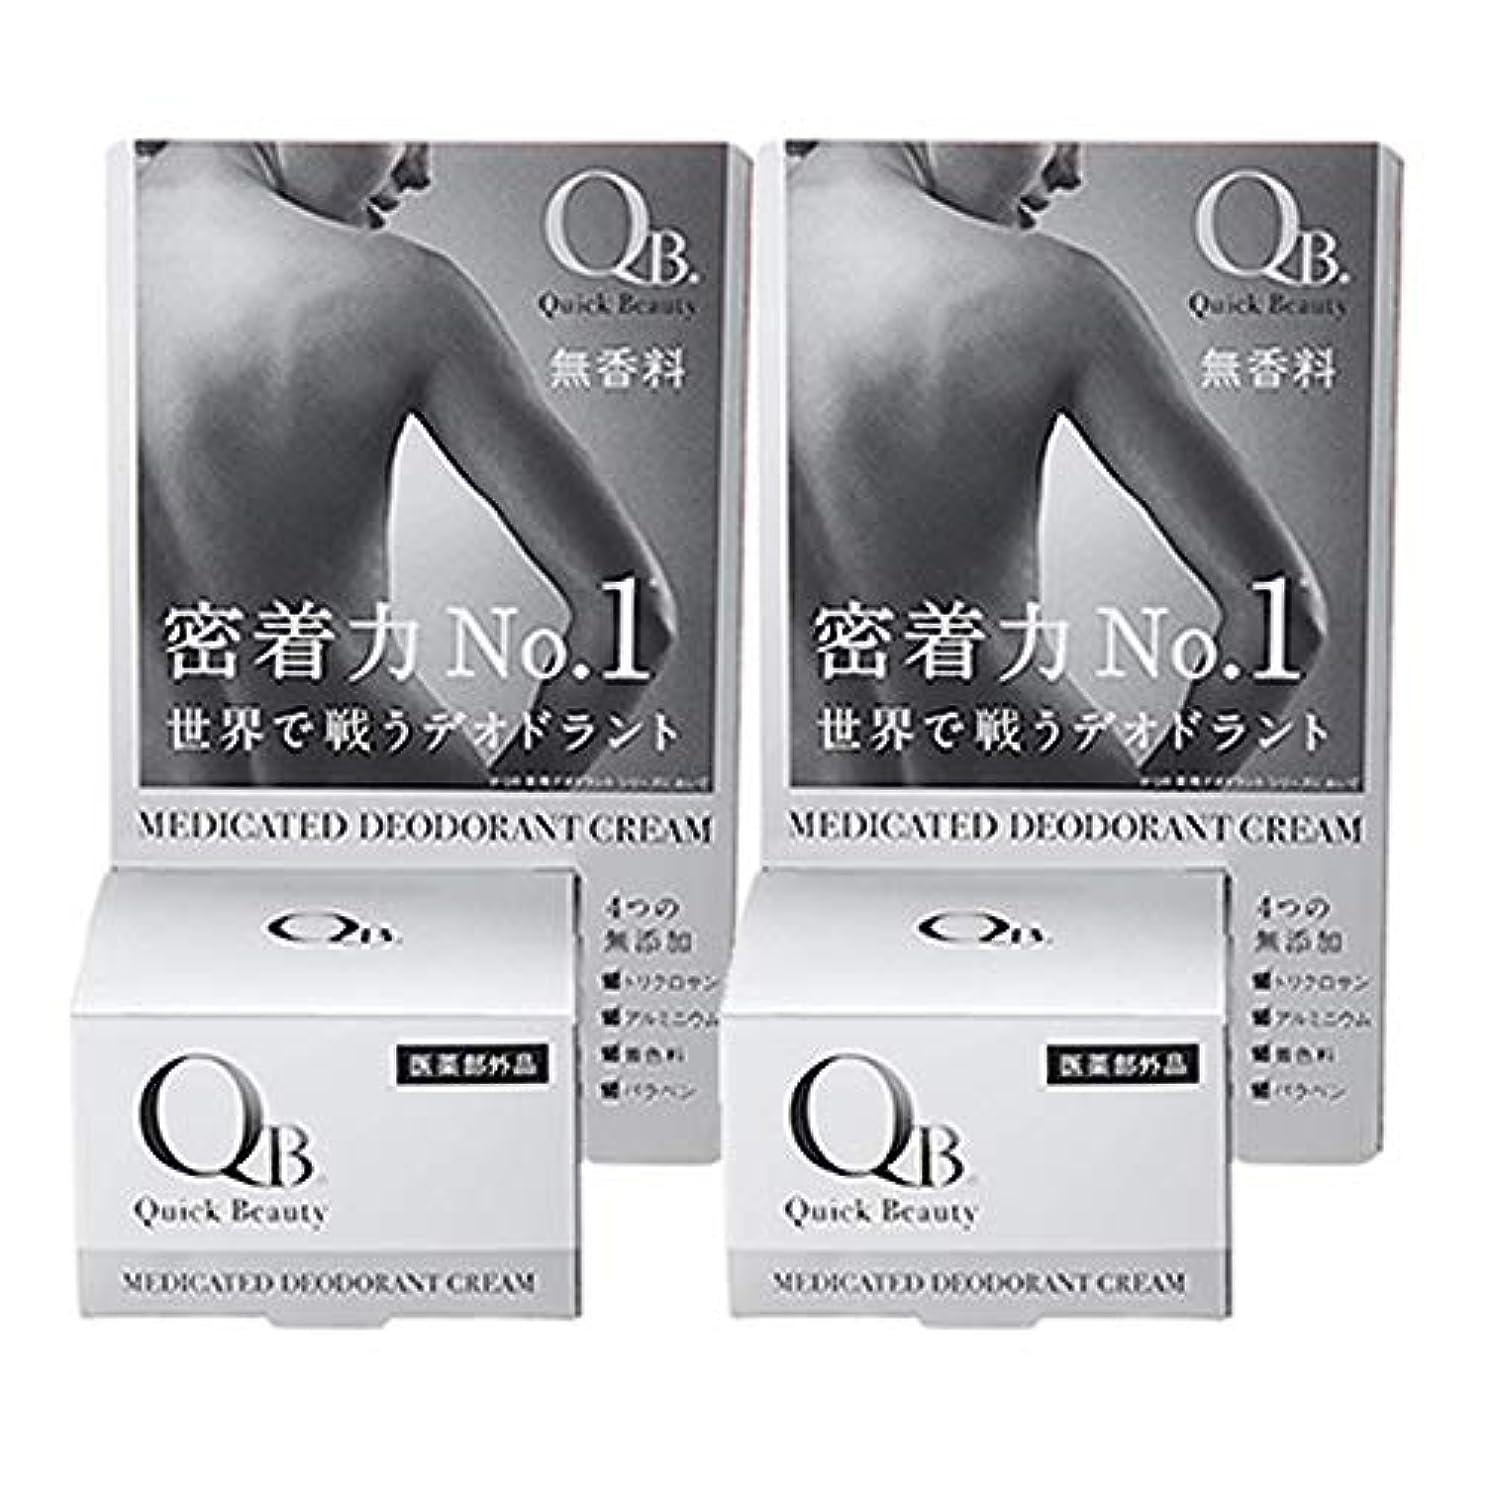 プログラムトレーニング友情QB薬用デオドラントクリーム《医薬部外品》 (30g×2個)